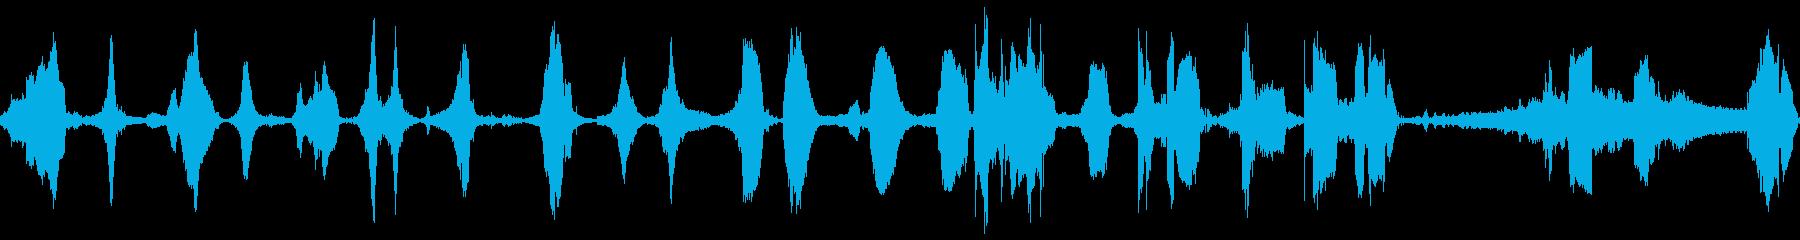 車のポンティアックドライブ複数の再生済みの波形